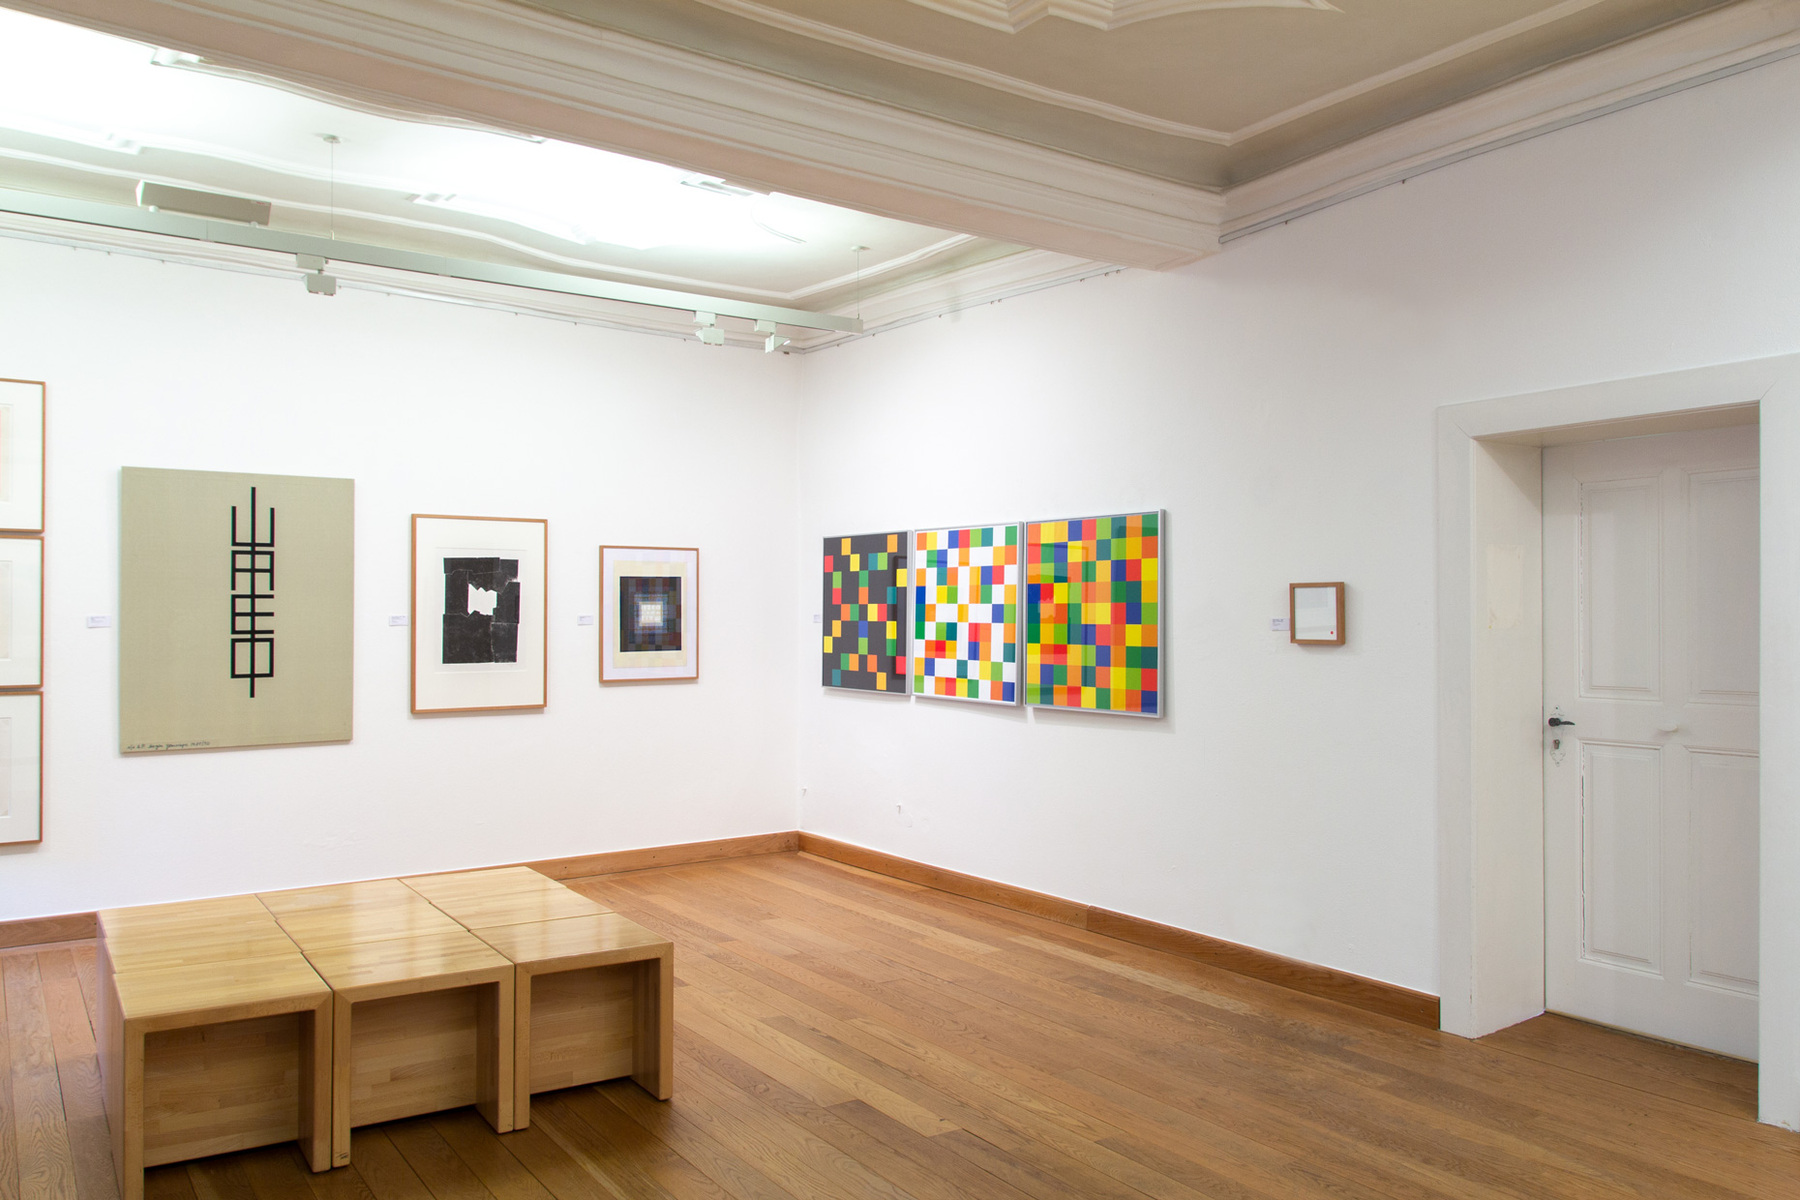 Philipp Valenta - Arbeit Sammlung Kunstmuseum Bayreuth, Ausstellungsansicht Abstraktion/Konkretion/Konzeption - Platons Erben, Kunstmuseum Bayreuth